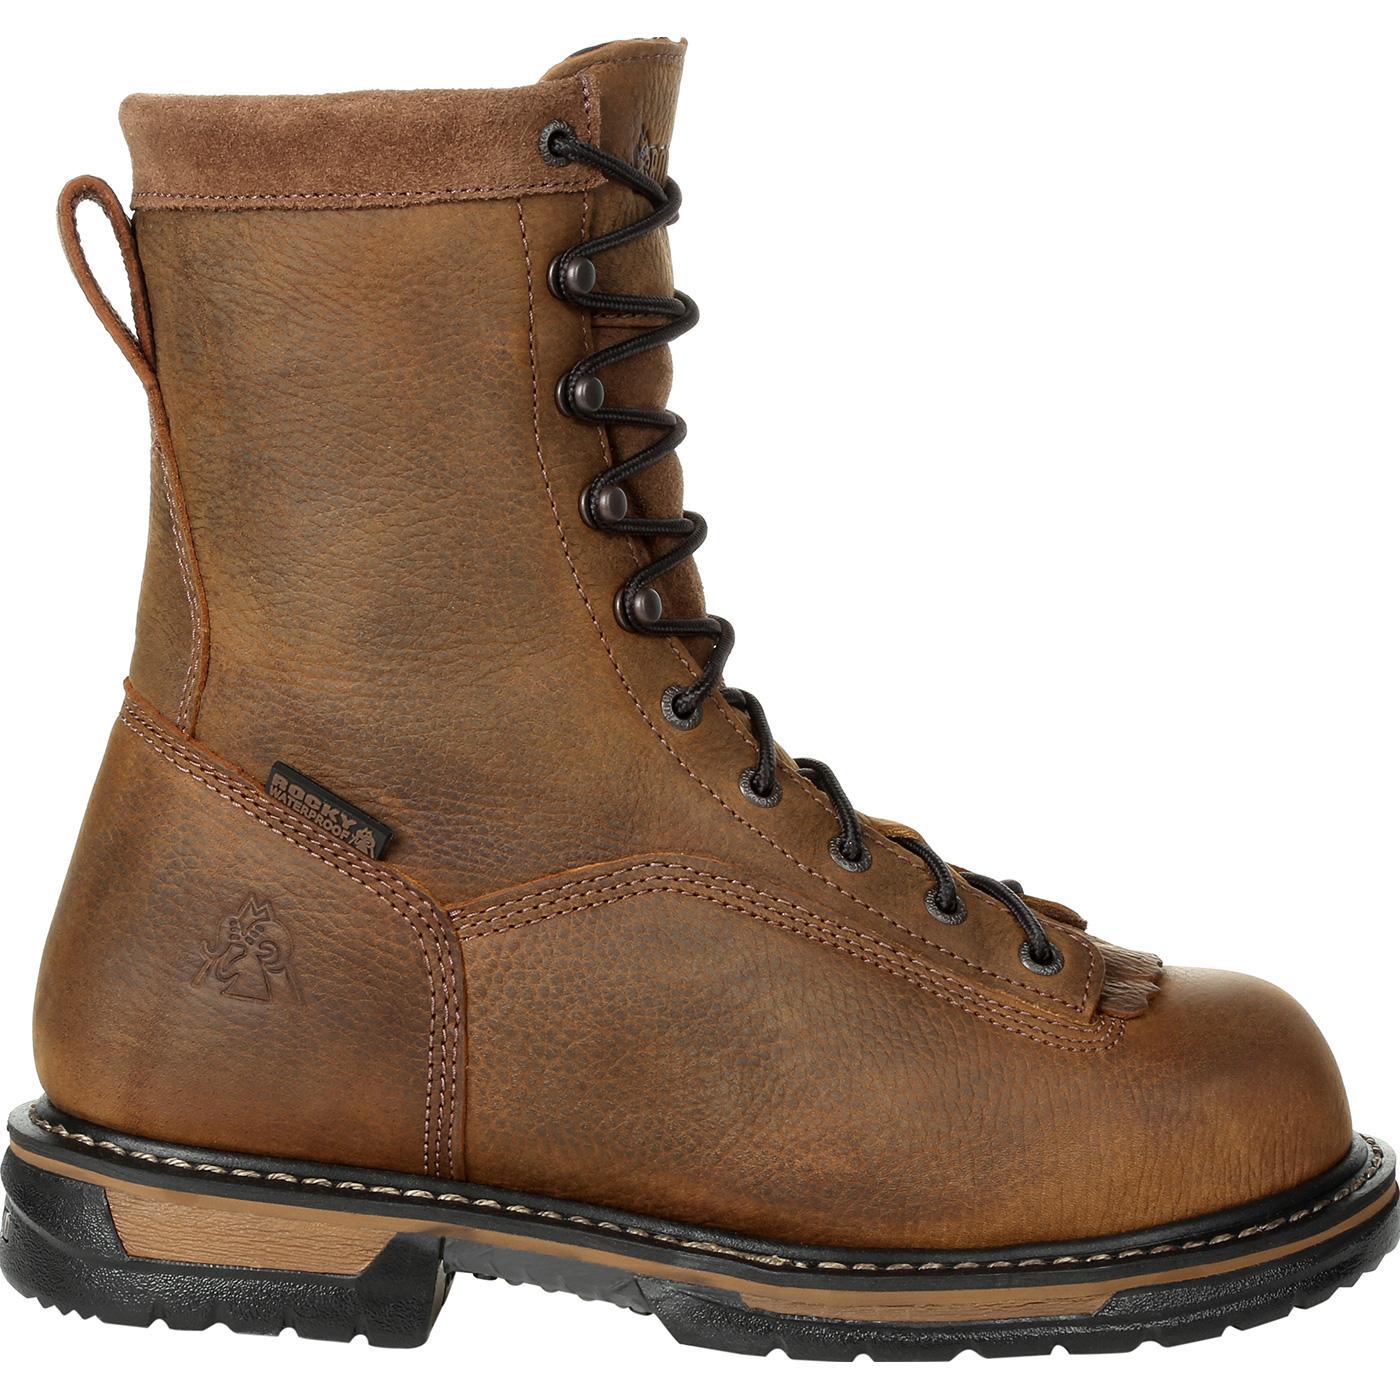 421de58ba58 Rocky IronClad Waterproof Work Boot